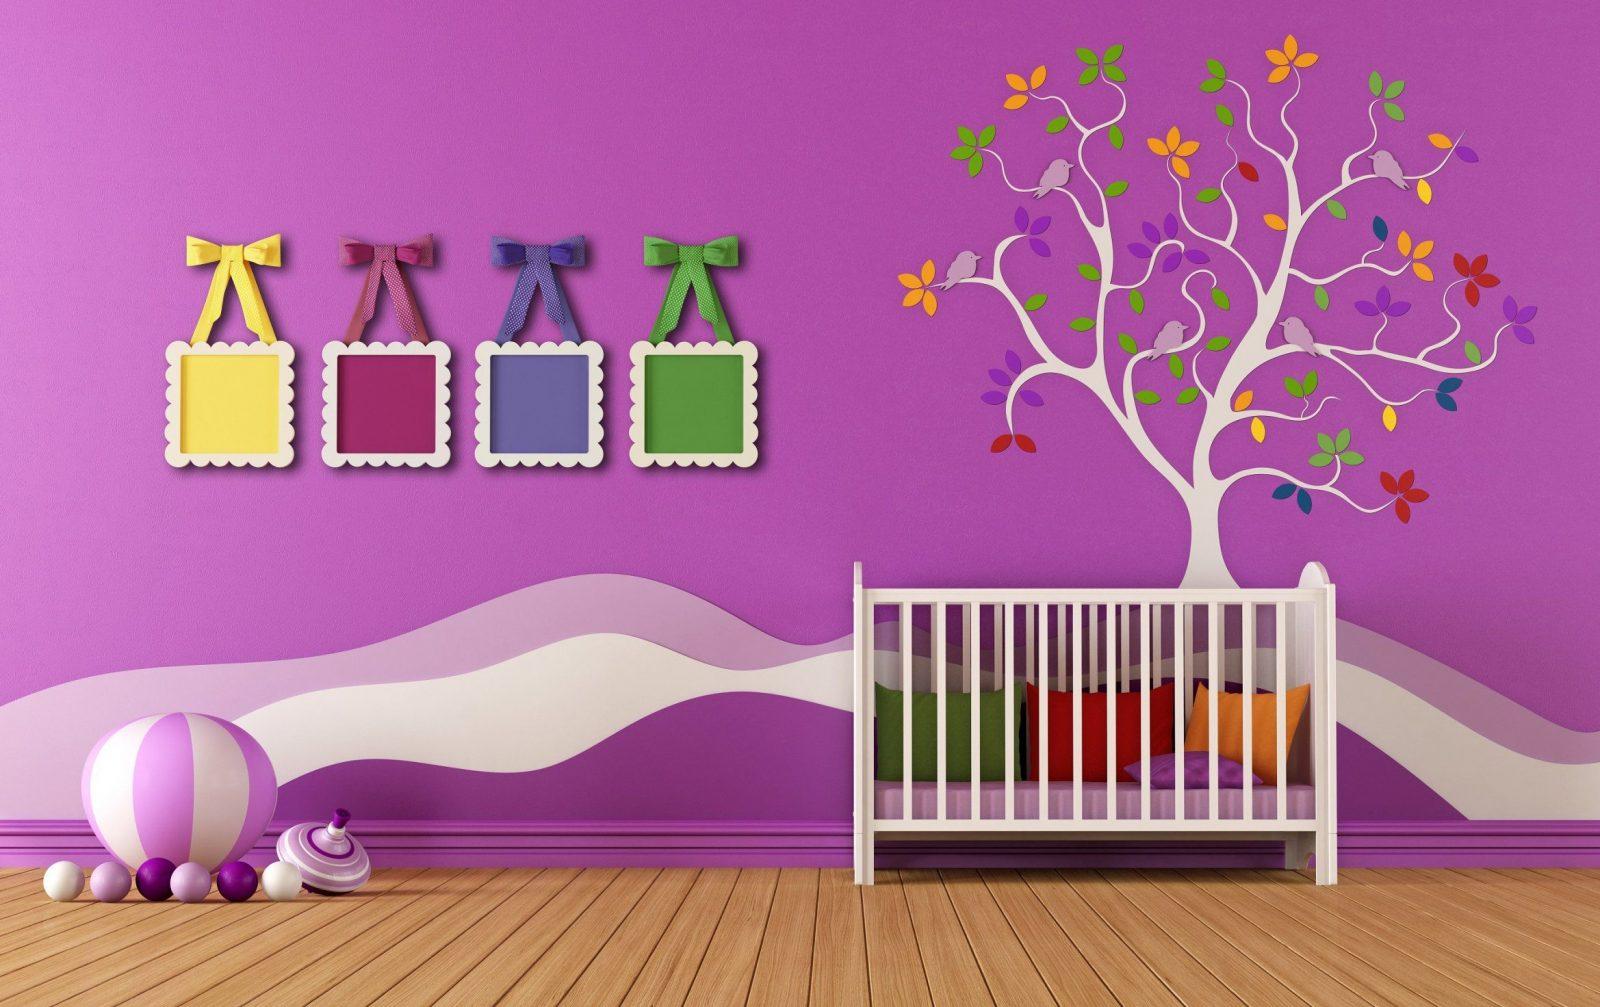 Wandgestaltung Kinderzimmer Mit Farbe Mit Kinderzimmer von Wandgestaltung Kinderzimmer Mit Farbe Bild